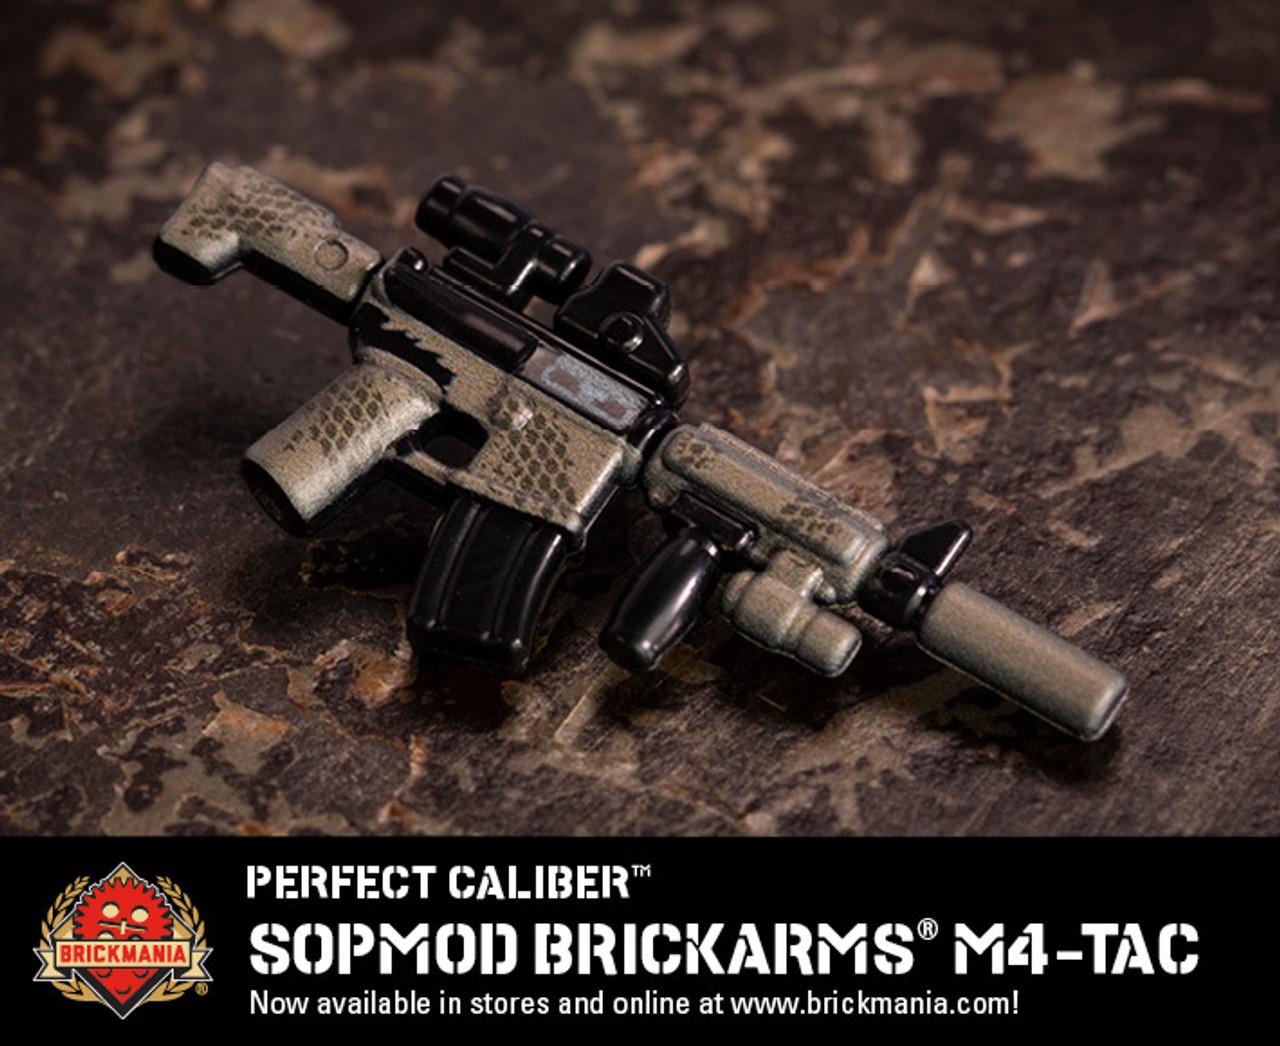 Perfect Caliber™ SOPMOD BrickArms® M4-TAC